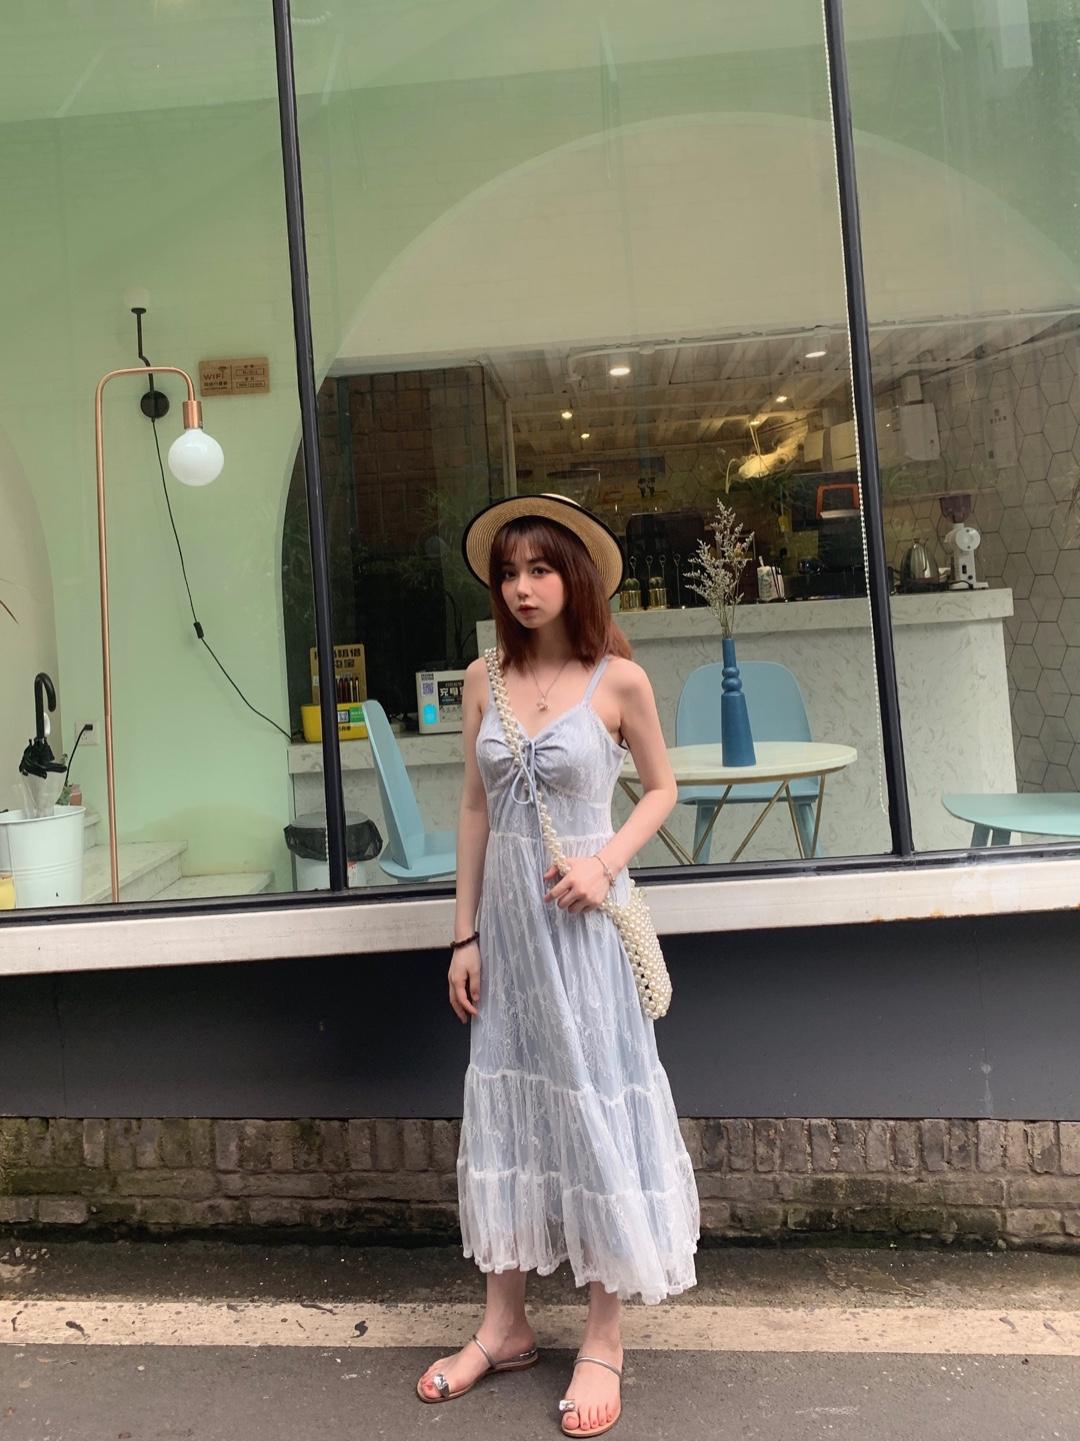 夏天就是要穿的仙里仙气的呀,长裙遮肉显高,怎么能不入一条呢!!搭配上草帽分分钟都在度假!#15s出街大挑战#